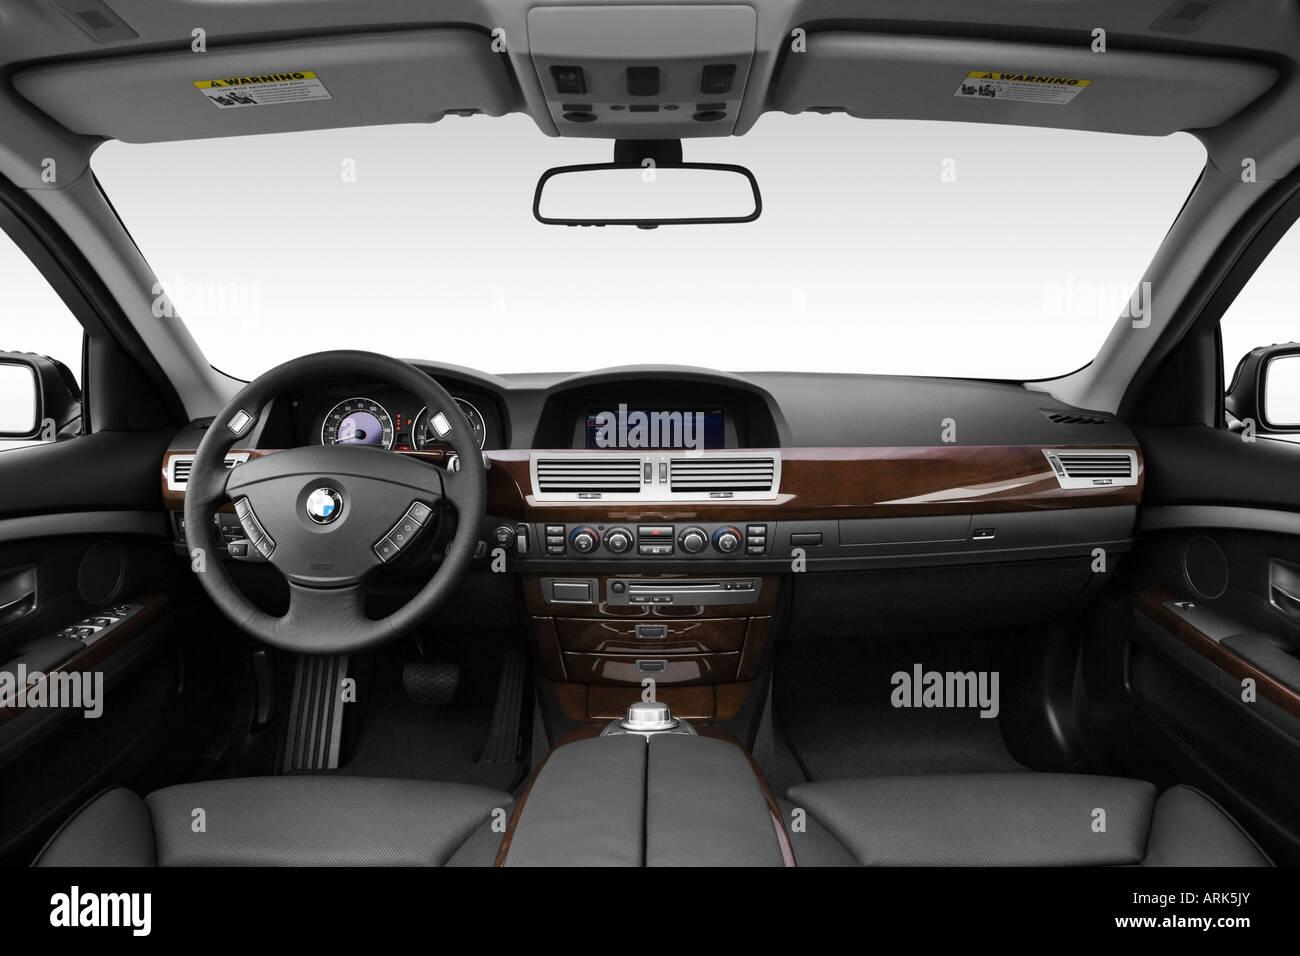 2008 Bmw 7er 750i In Schwarz Armaturenbrett Mittelkonsole Getriebe Schalthebel Ansicht Stockfotografie Alamy